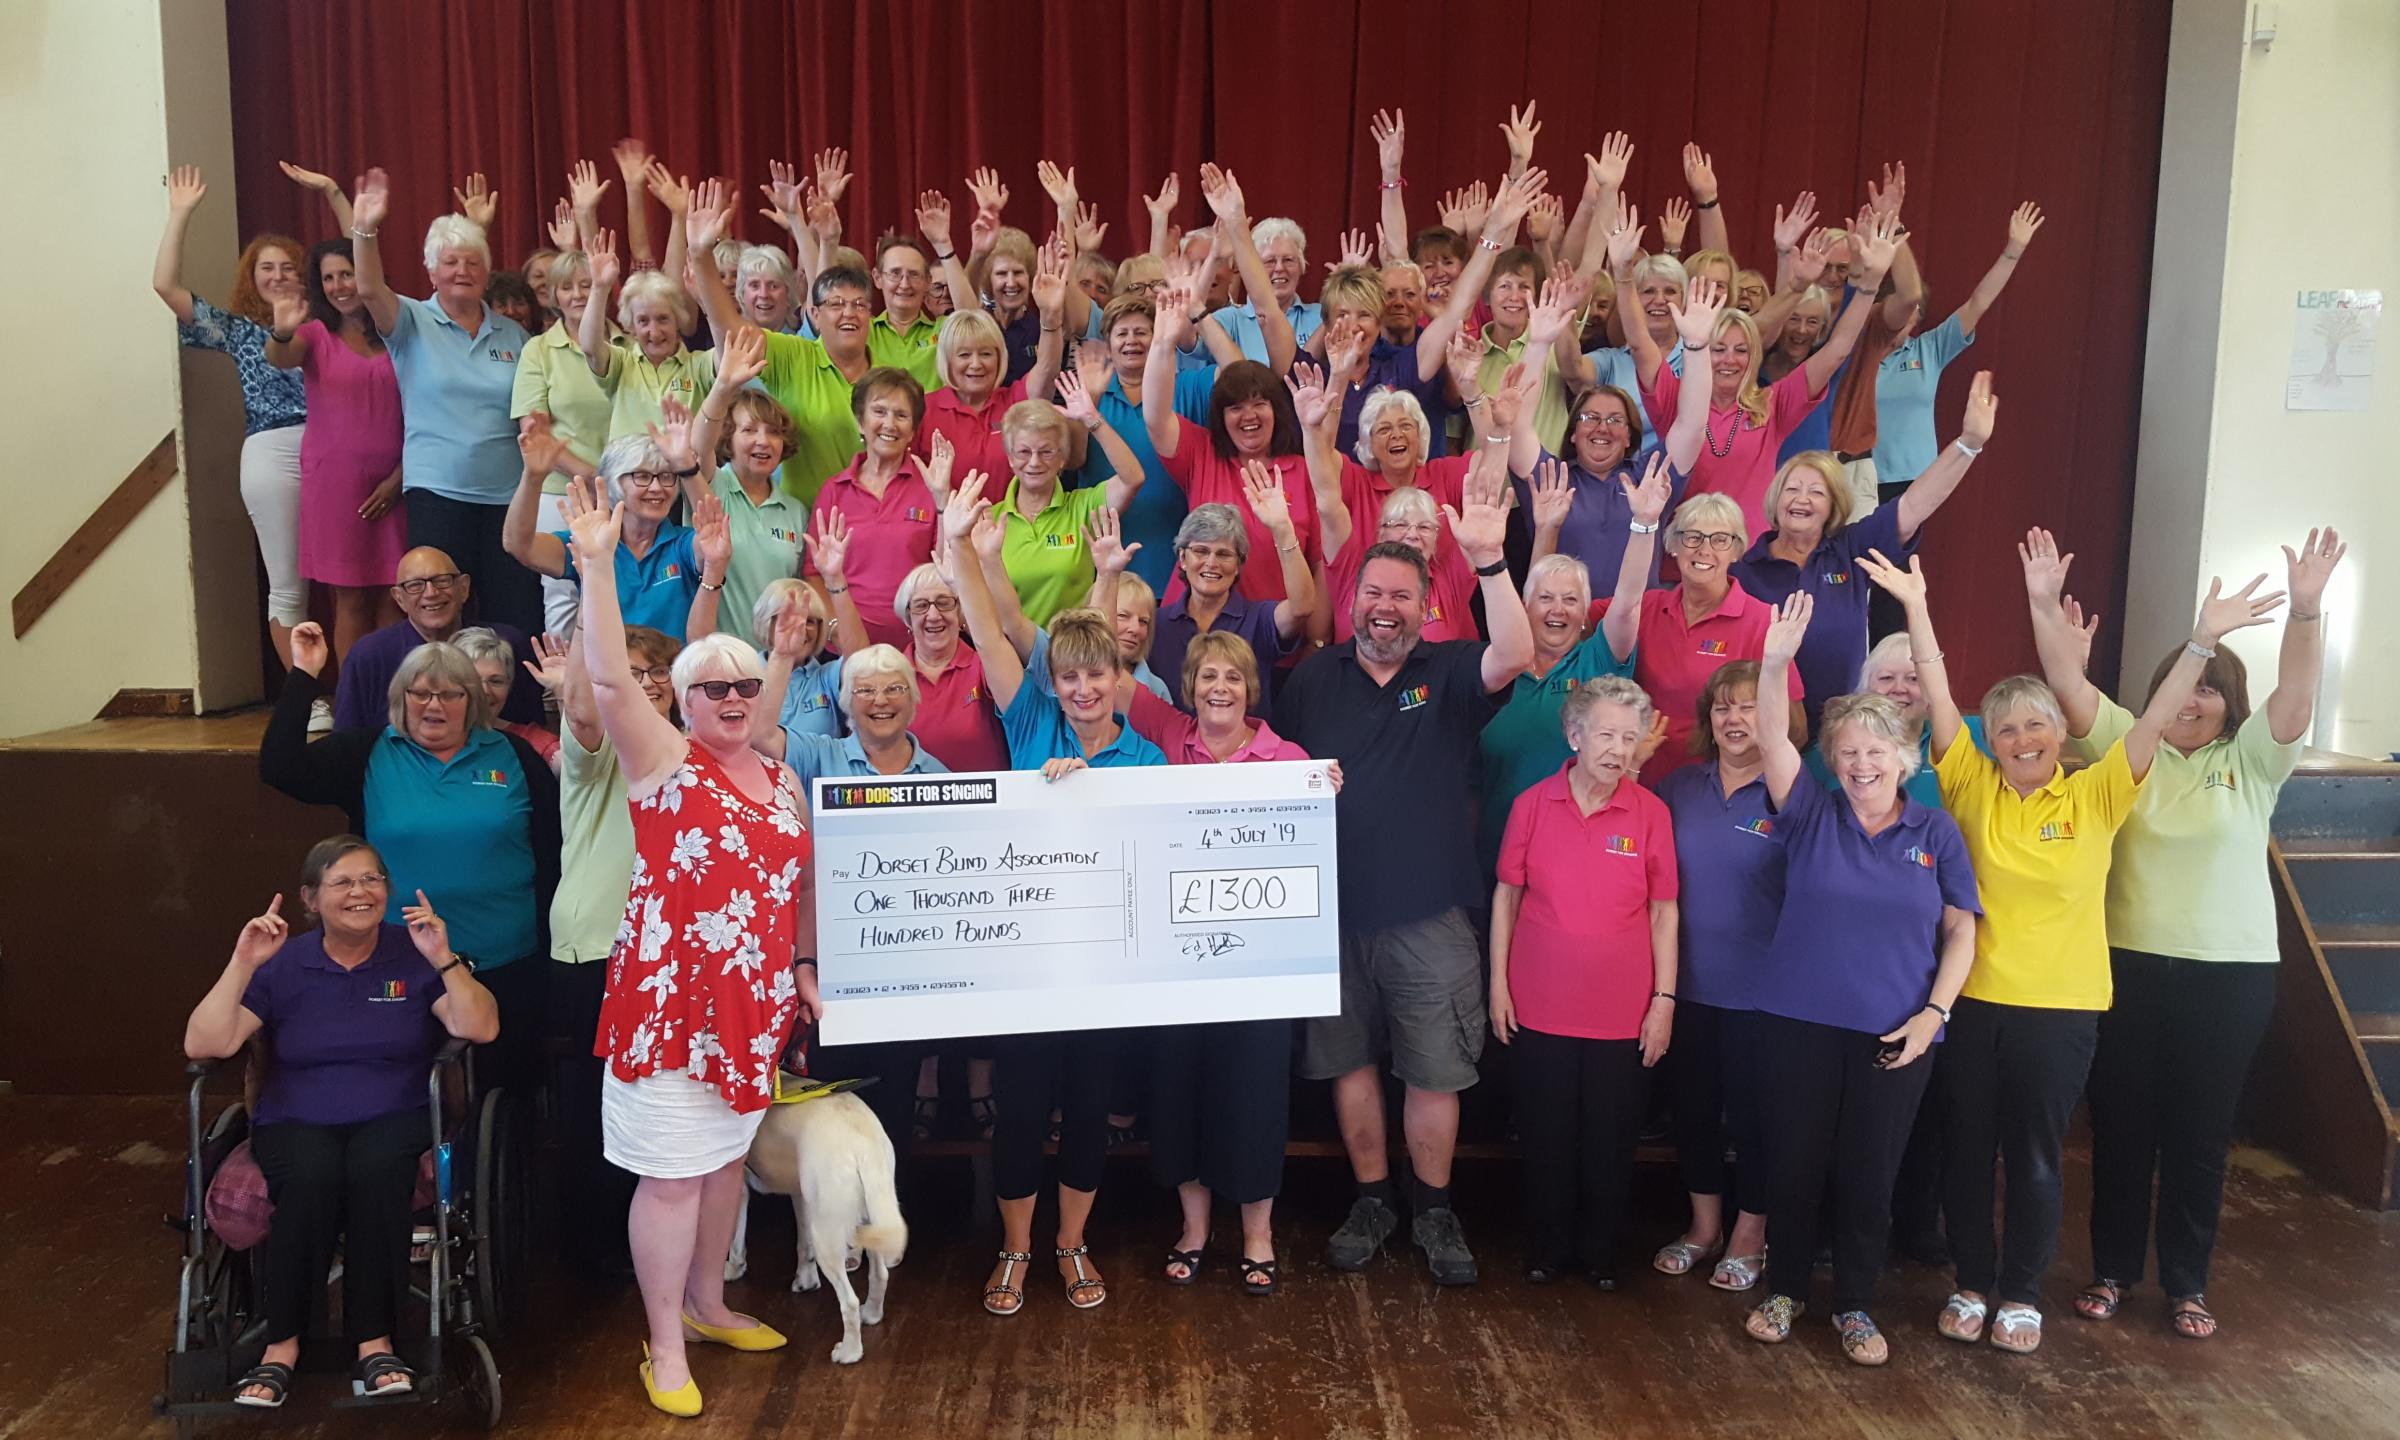 Dorset For Singing raises money for blindness charity